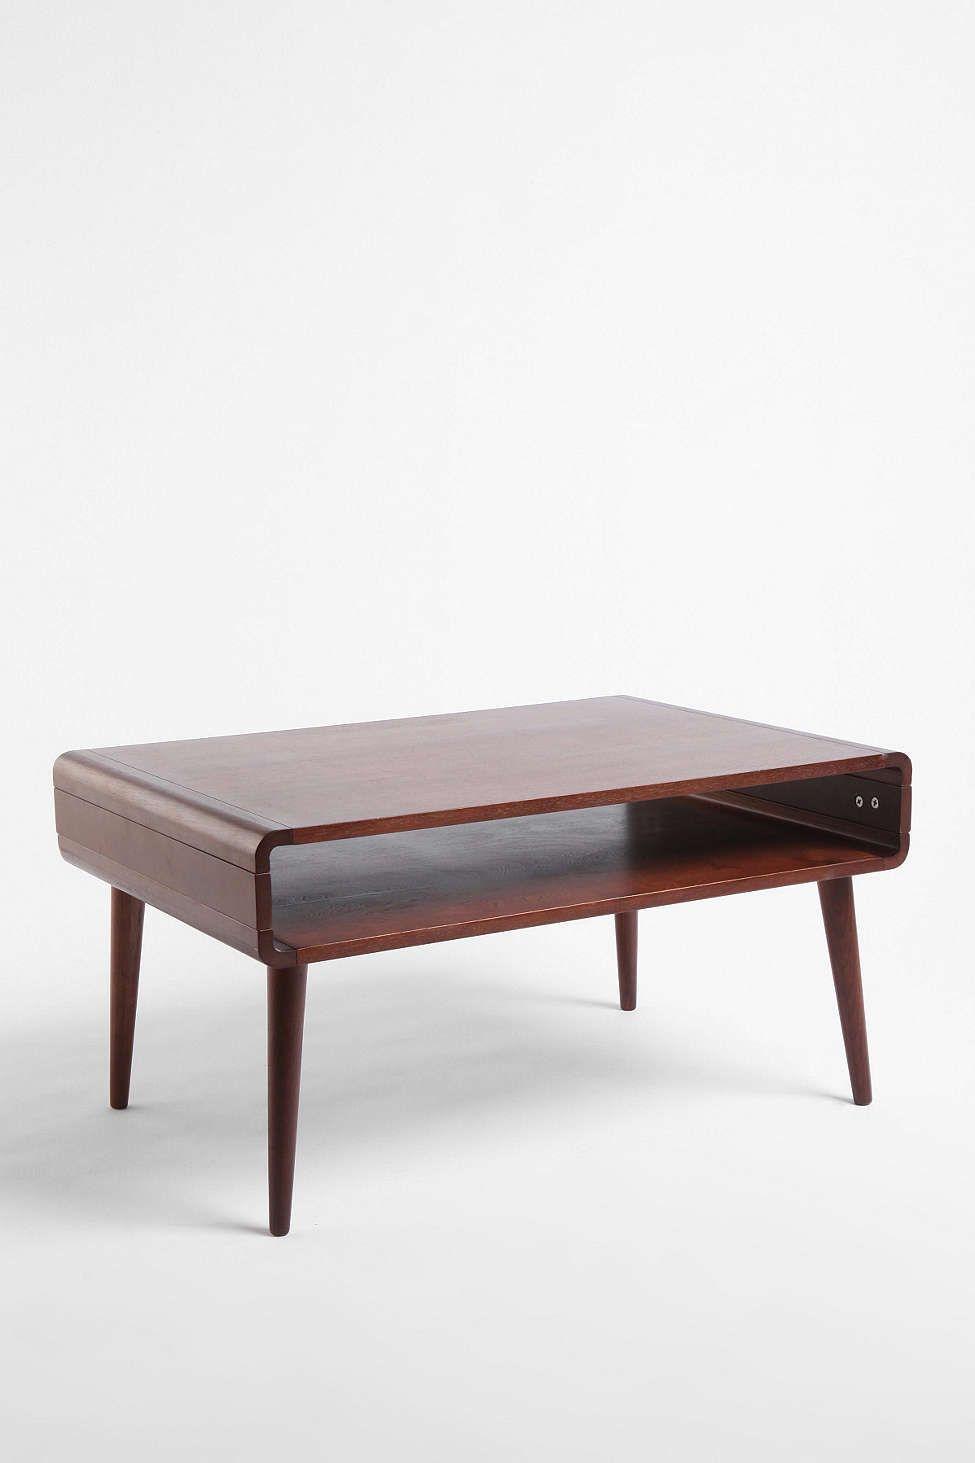 Danish Modern Coffee Table Meja Ruang Tamu Meja Kopi Meja [ 1463 x 975 Pixel ]